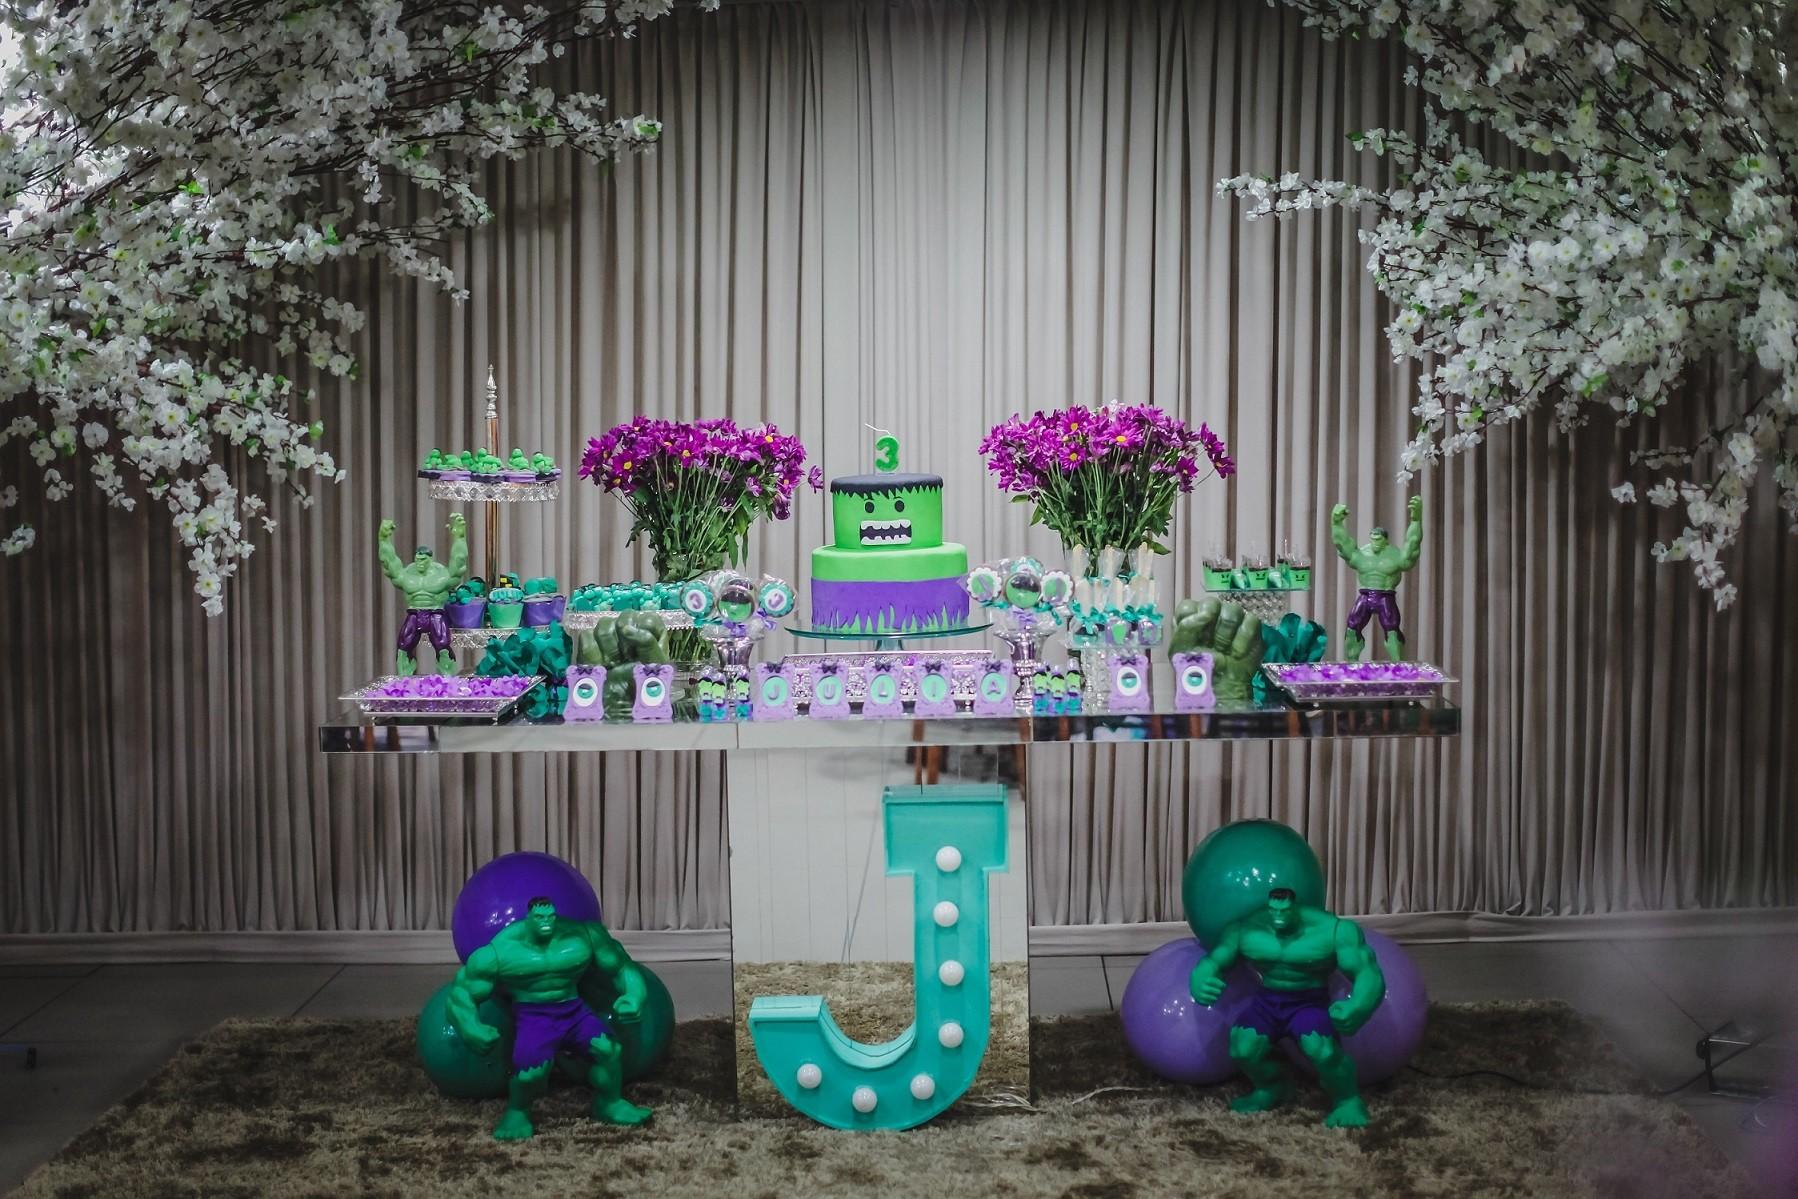 A mesa decorada para a festa (Foto: Arquivo pessoal)